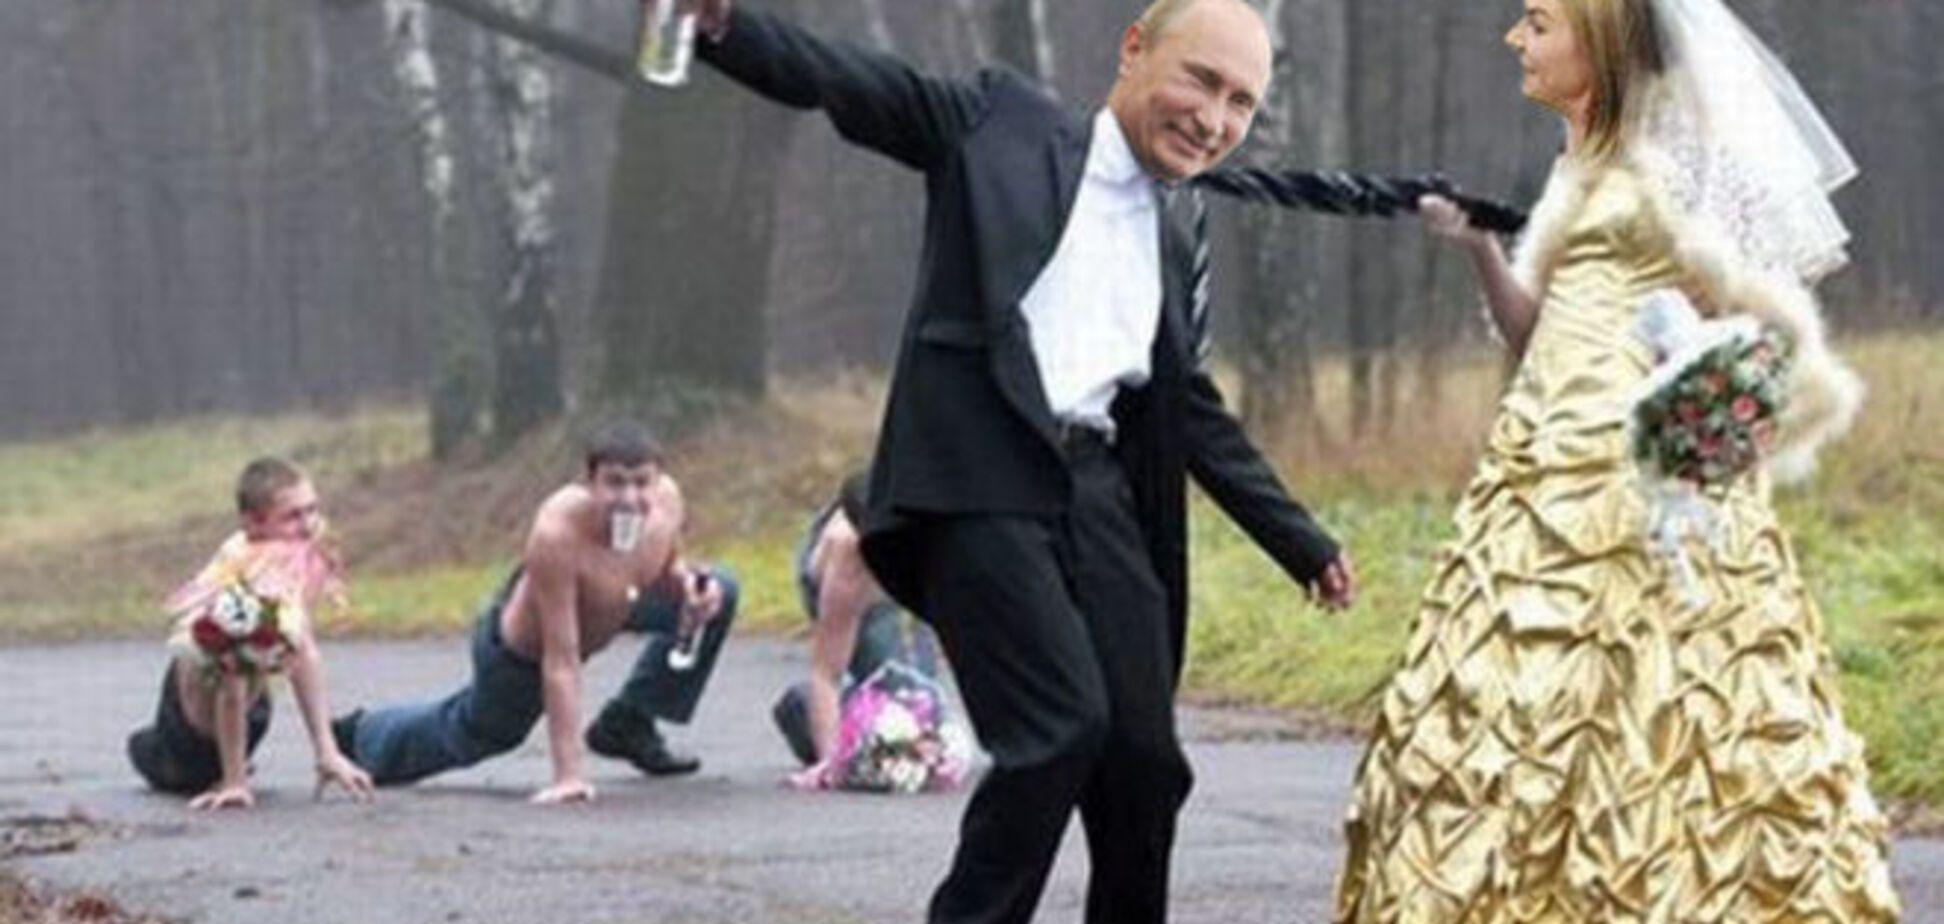 Опубликован тайный свадебный фотоальбом Путина и Кабаевой: вот так гульнули